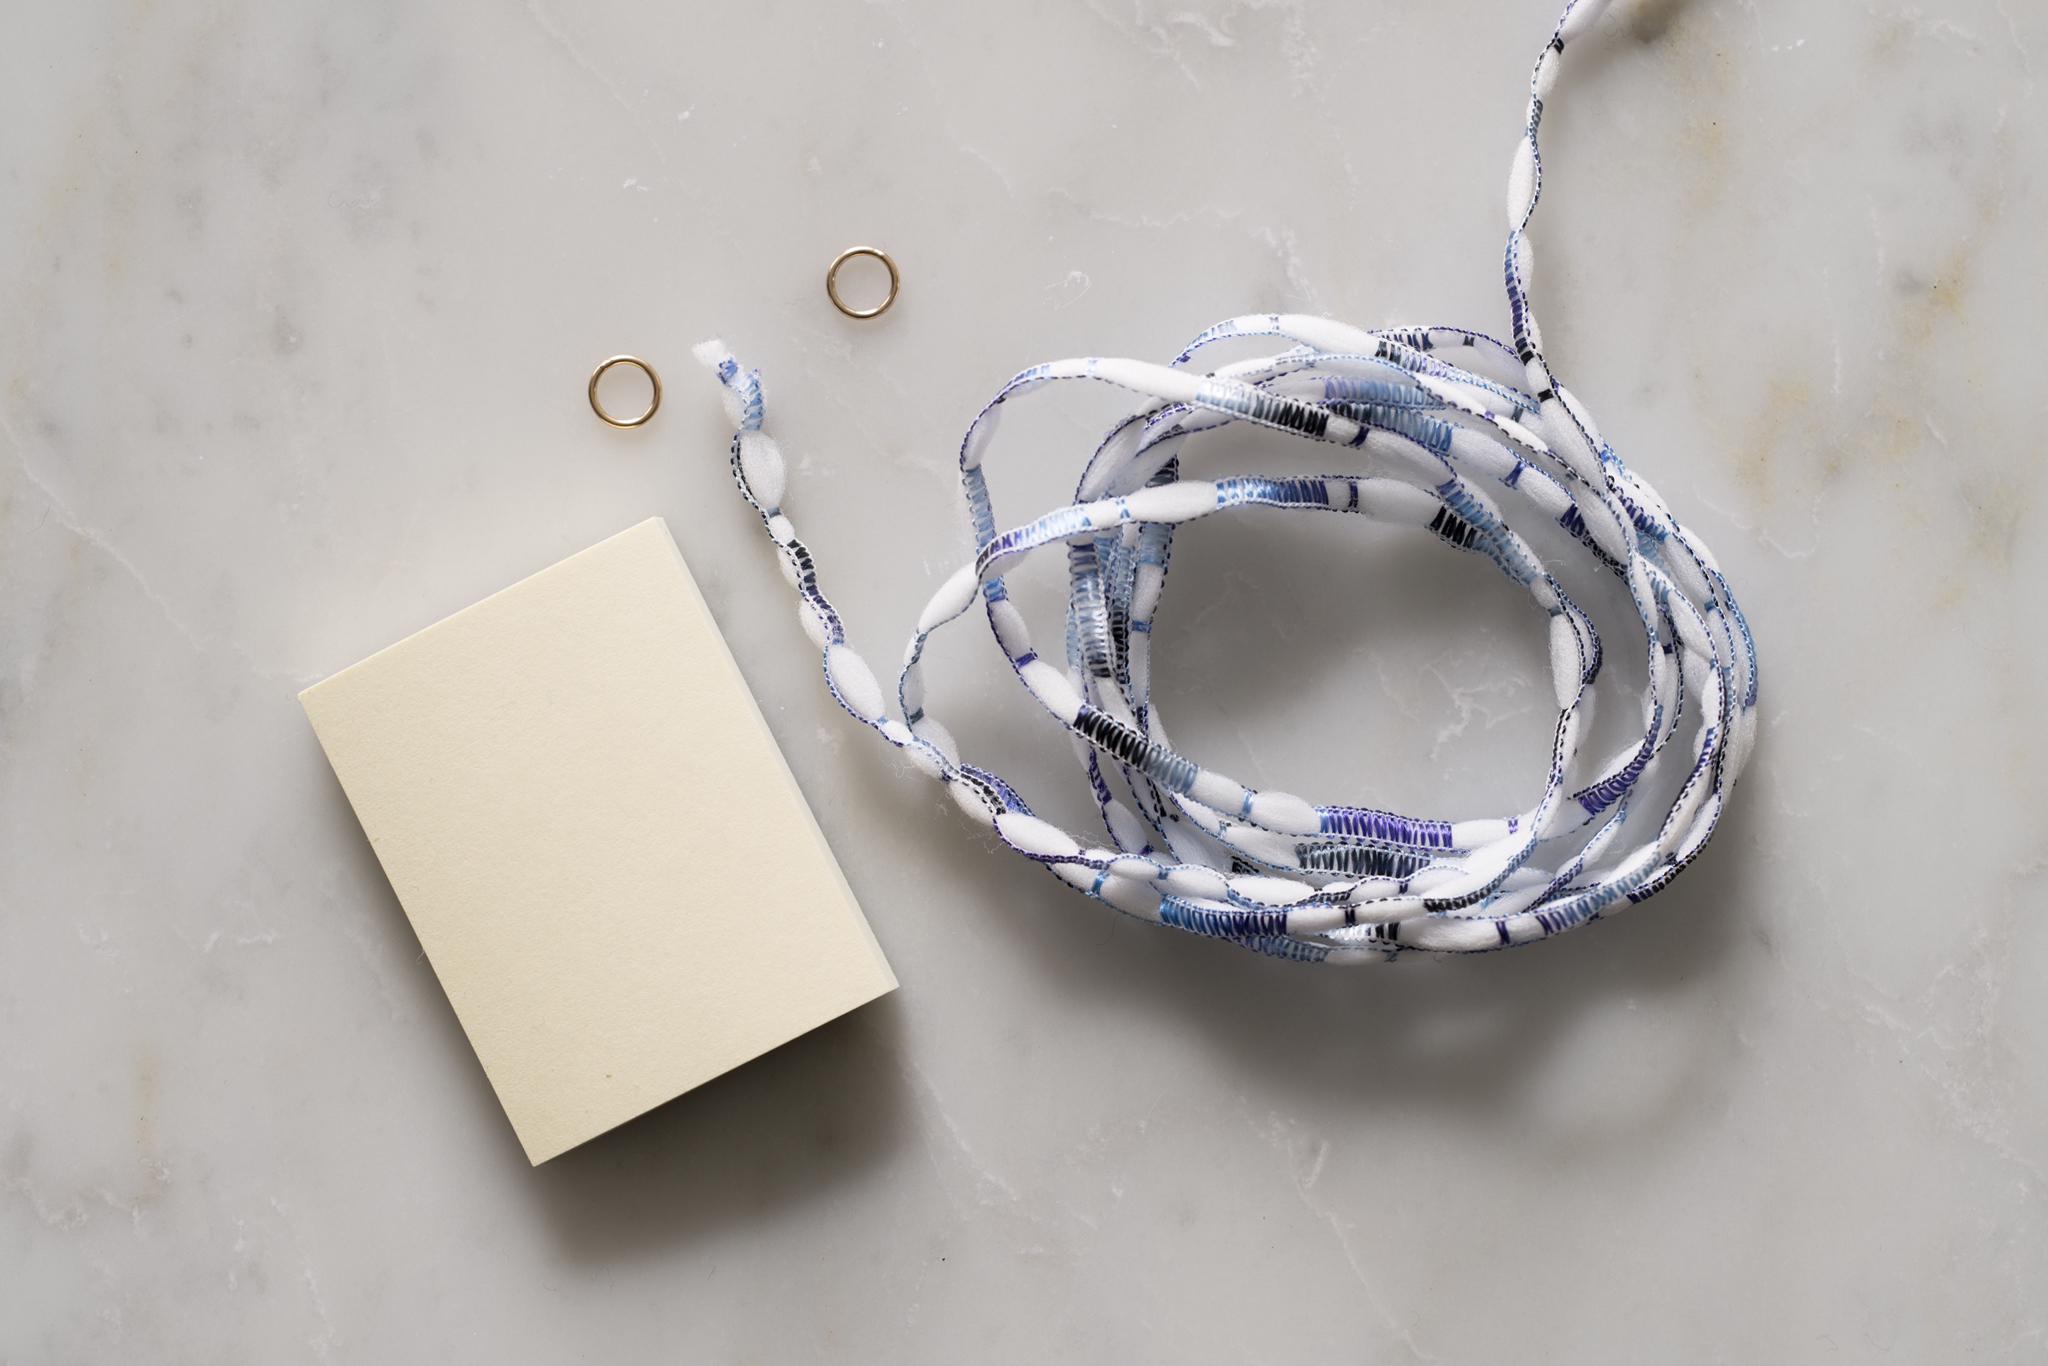 タッセルフリンジの作り方-材料のリントン社ファンシーヤーンと丸カン(クローズド)